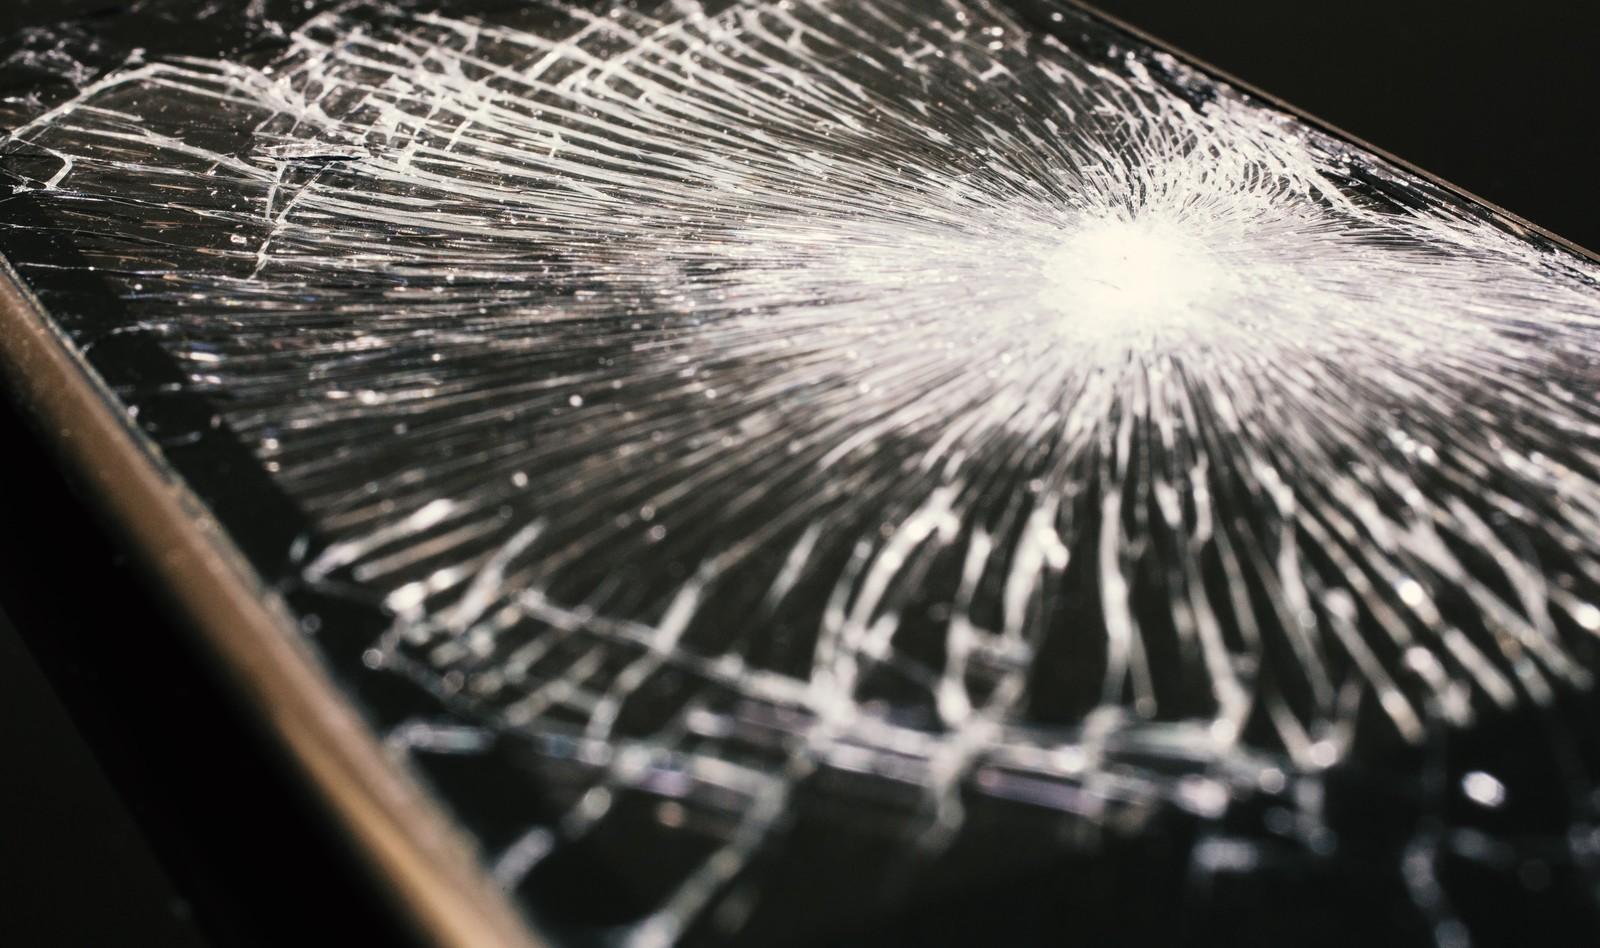 「割れた液晶画面(スマホ)」の写真